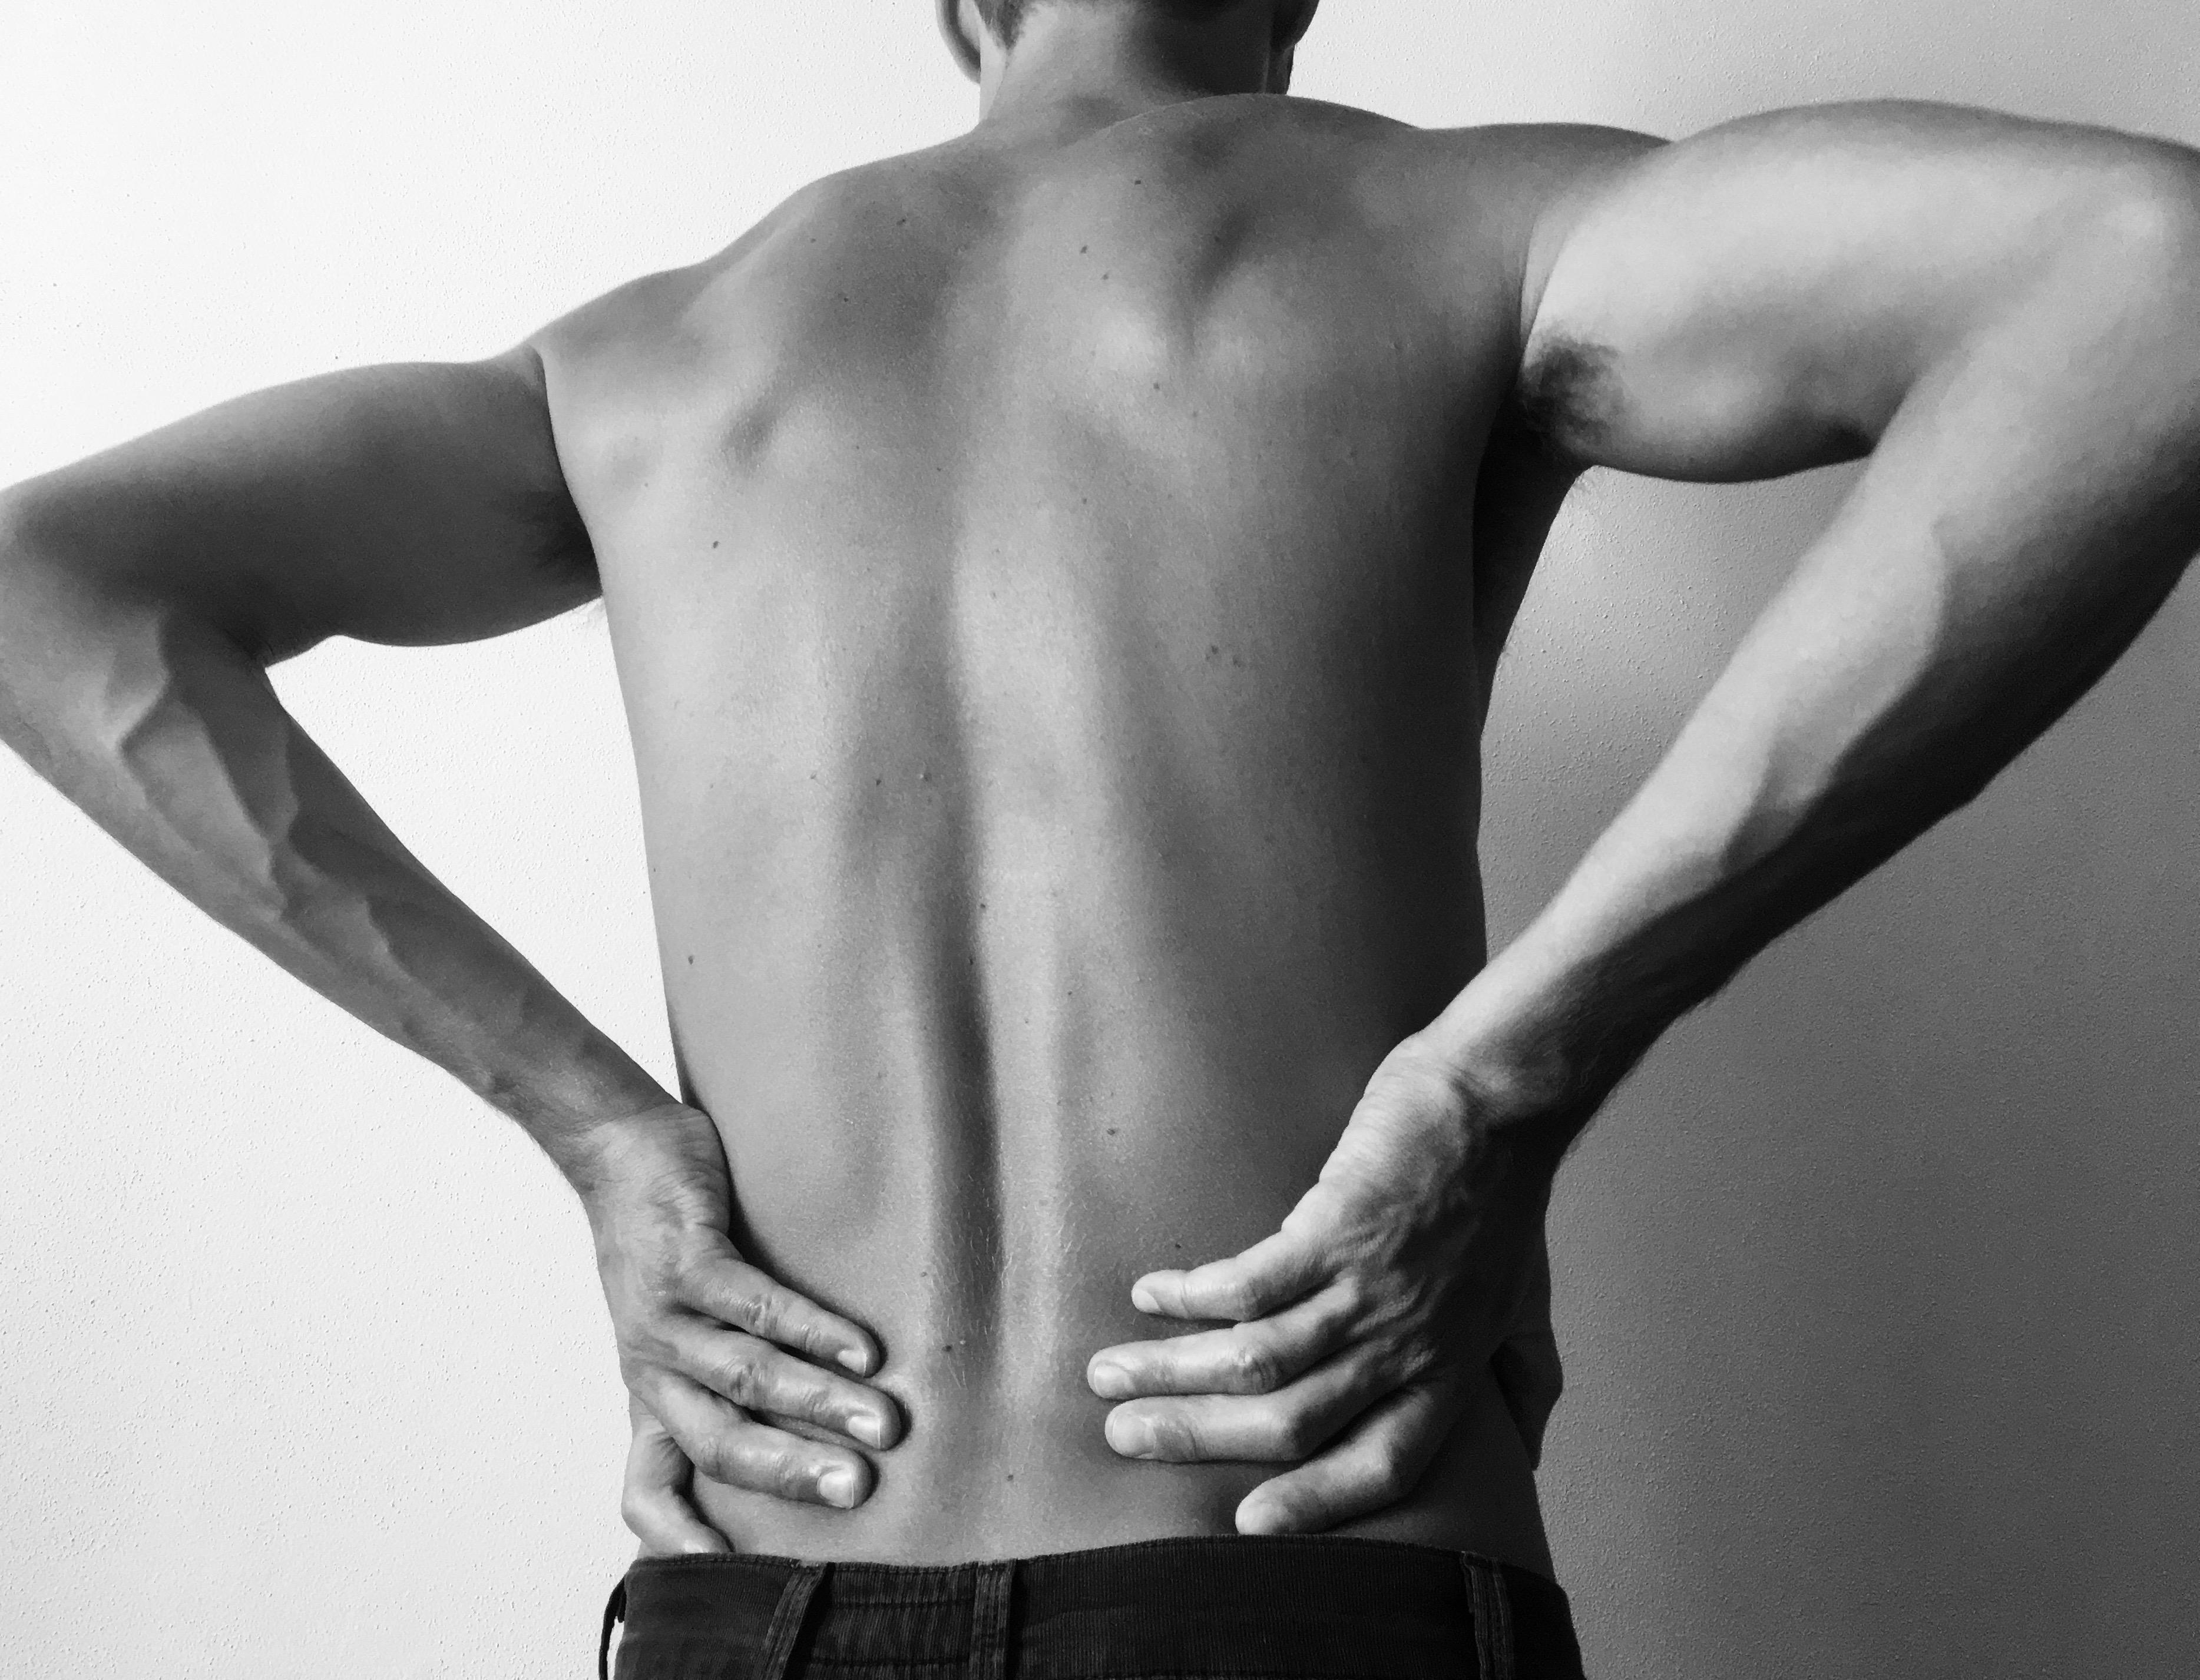 7 errori da evitare quando hai l'ernia del disco lombare